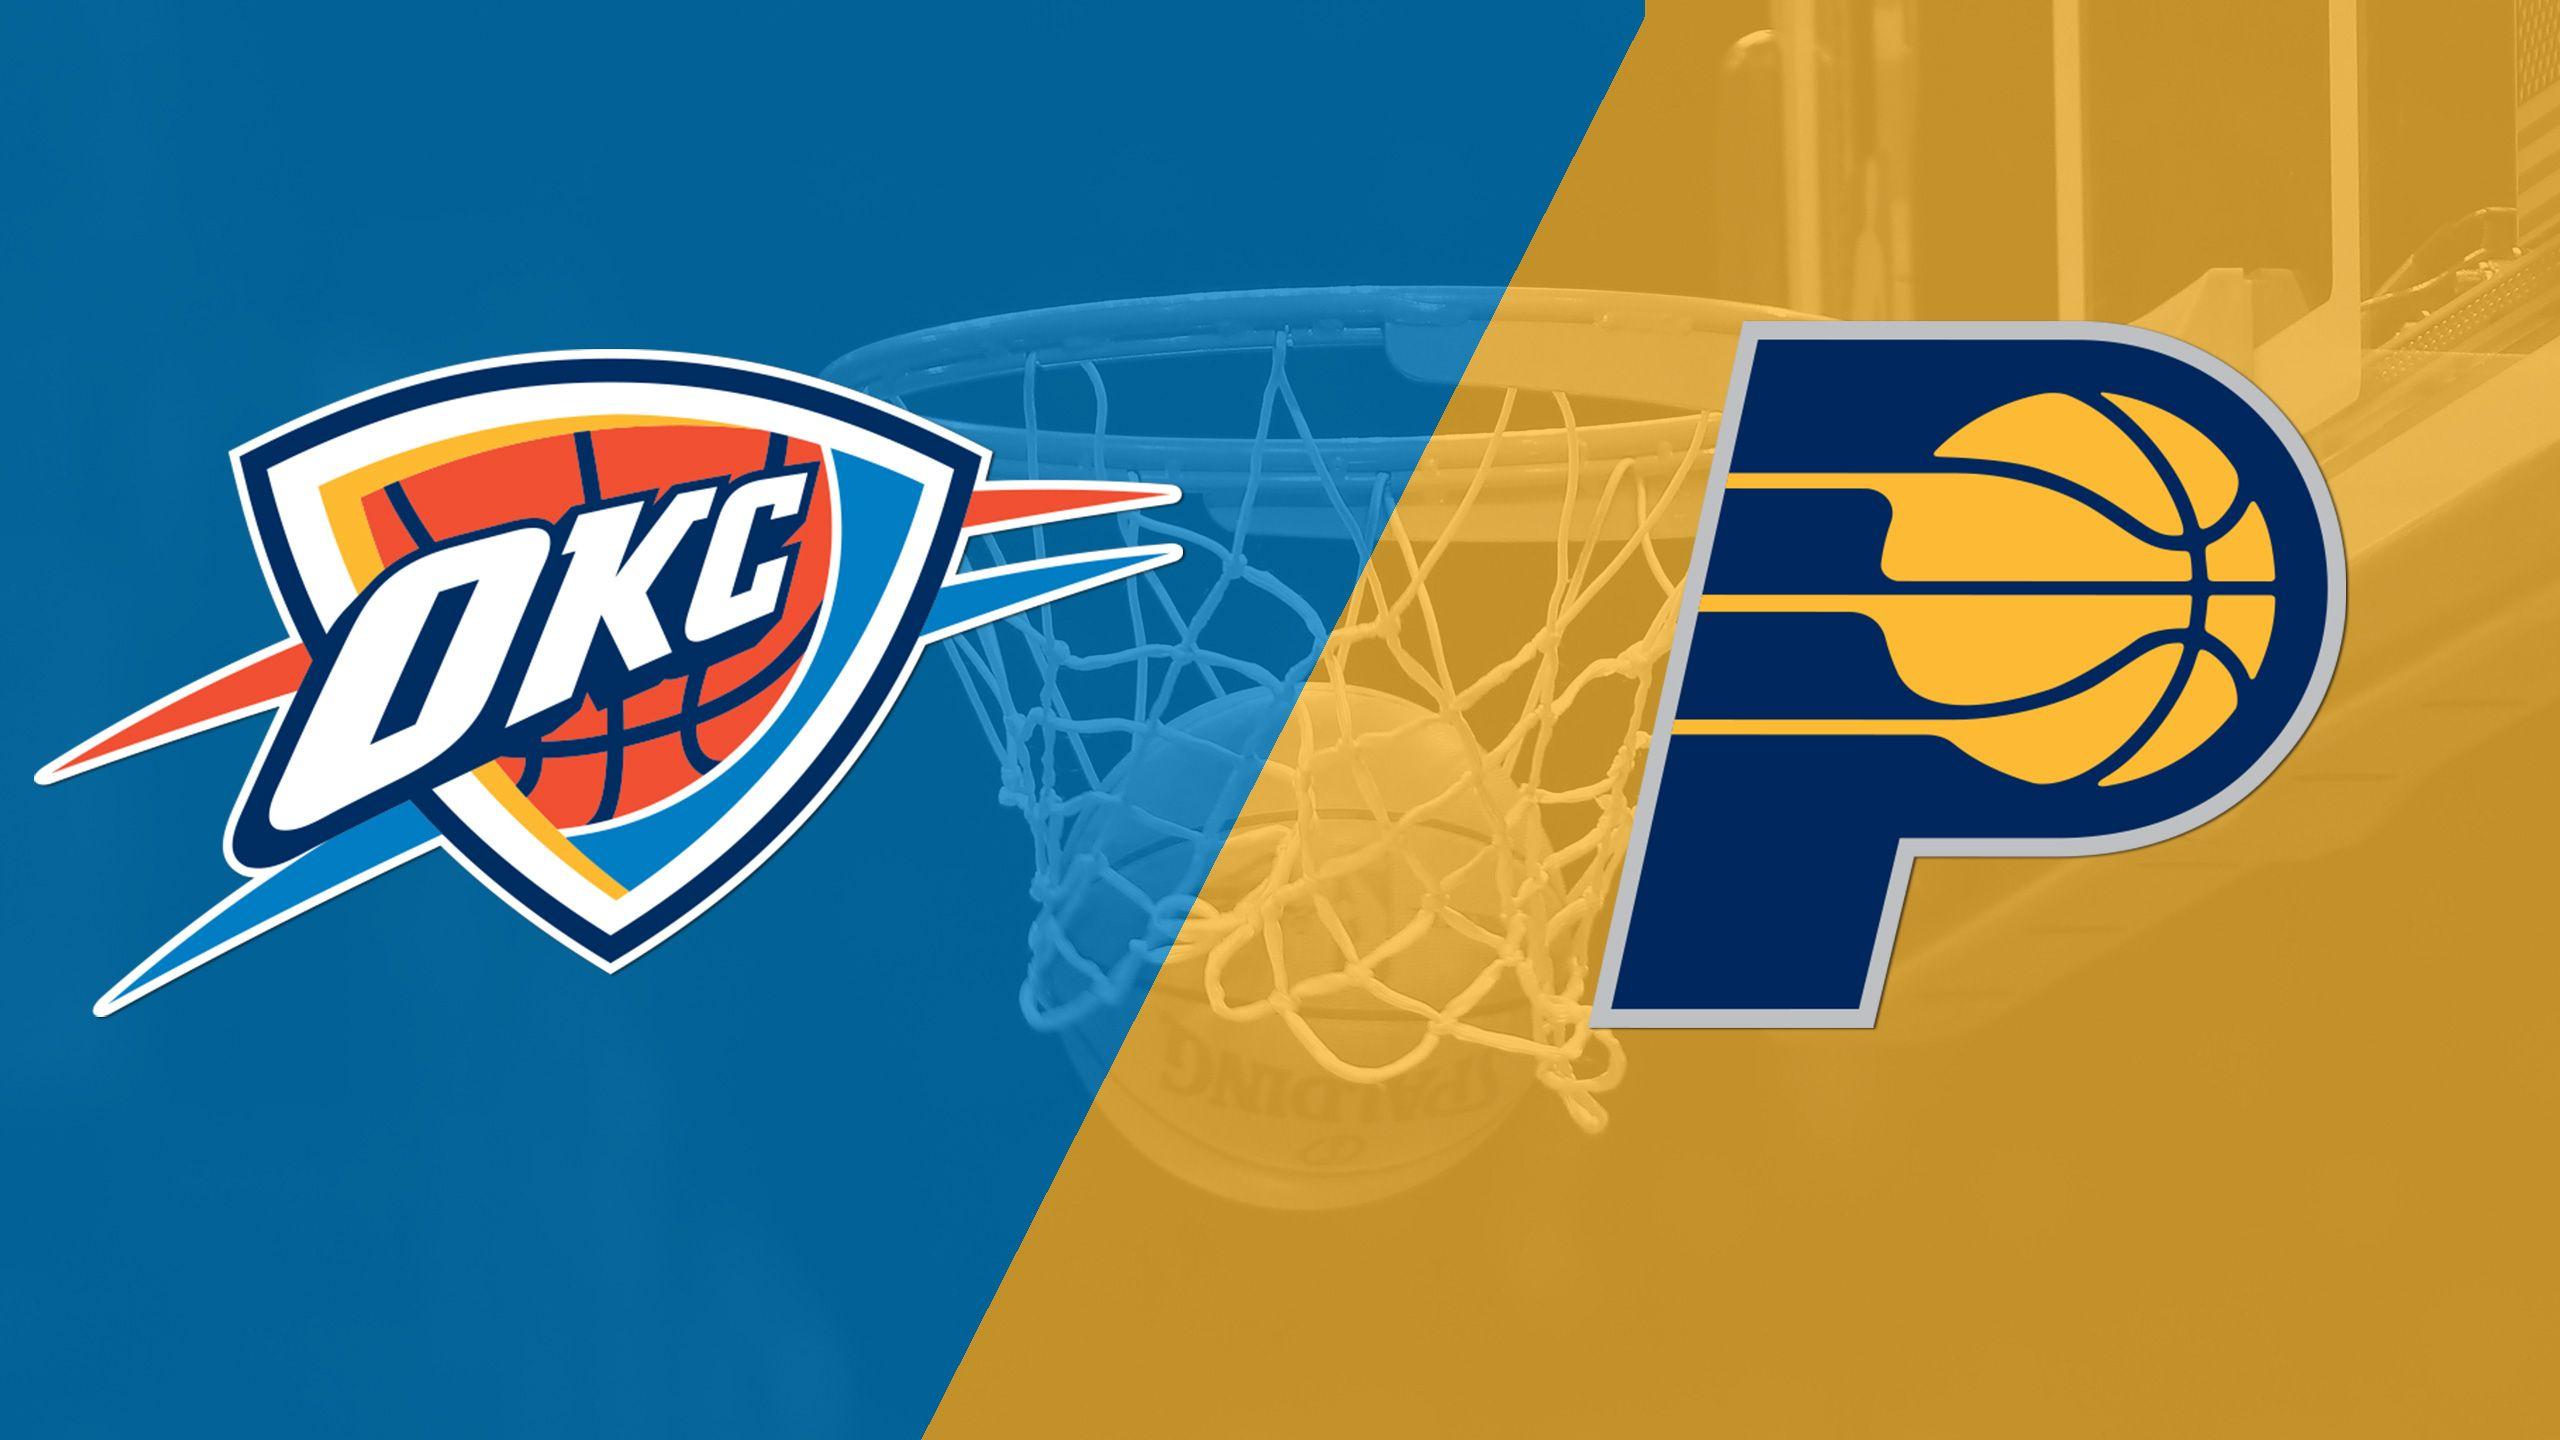 In Spanish - Oklahoma City Thunder vs. Indiana Pacers